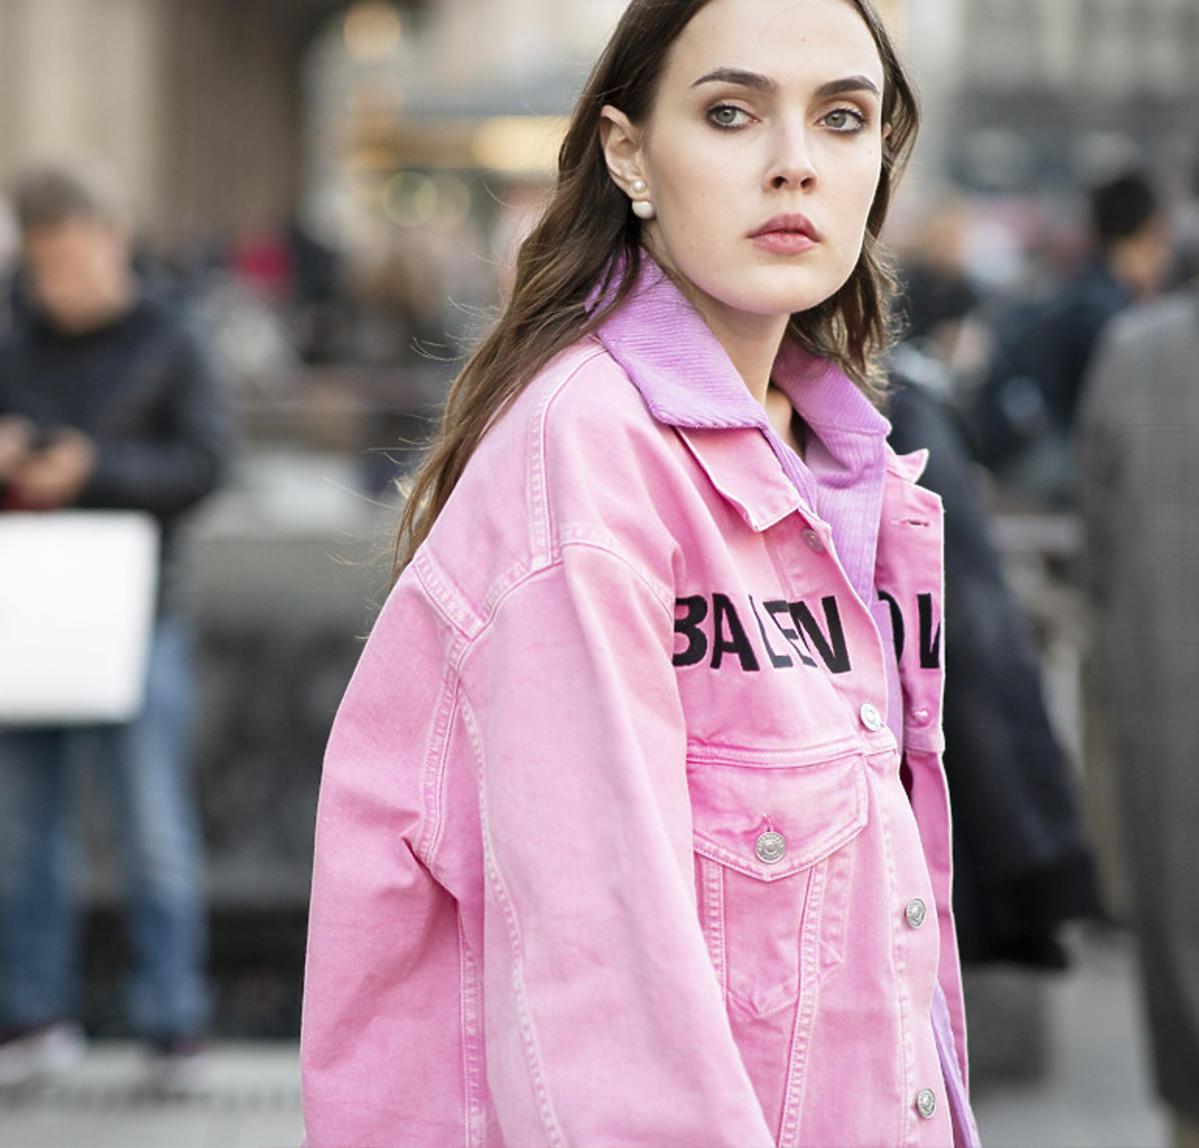 Wyprzedaże Zara 2020: Ta sukienka to hit, a kosztuje tylko 25 złotych!